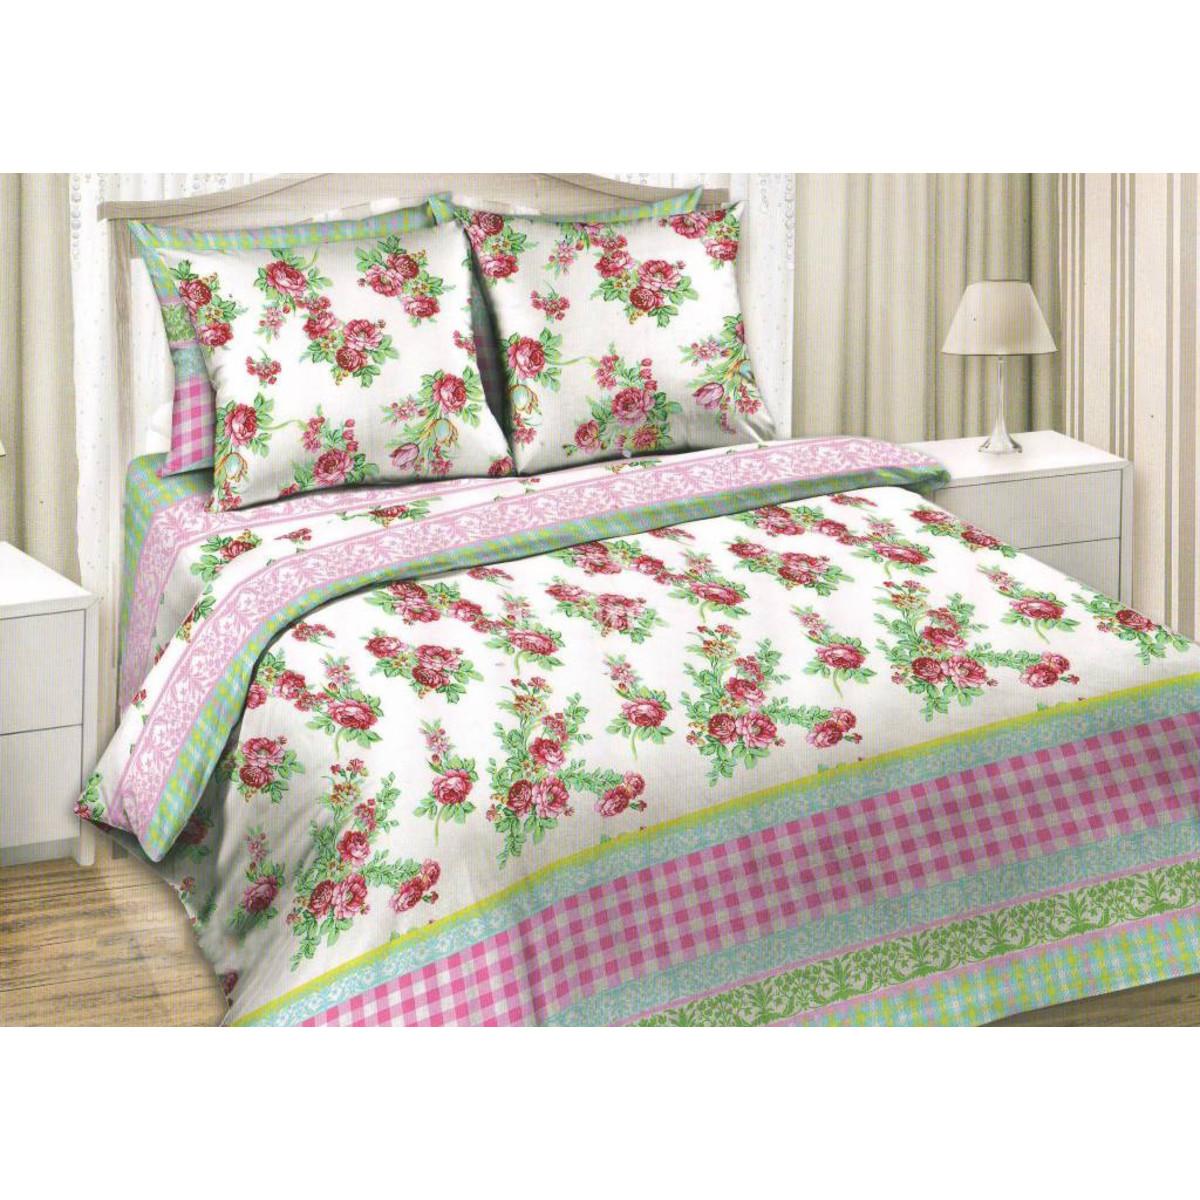 Комлплект постельного белья двуспальный «Весенний сад» бязь 70x70 см